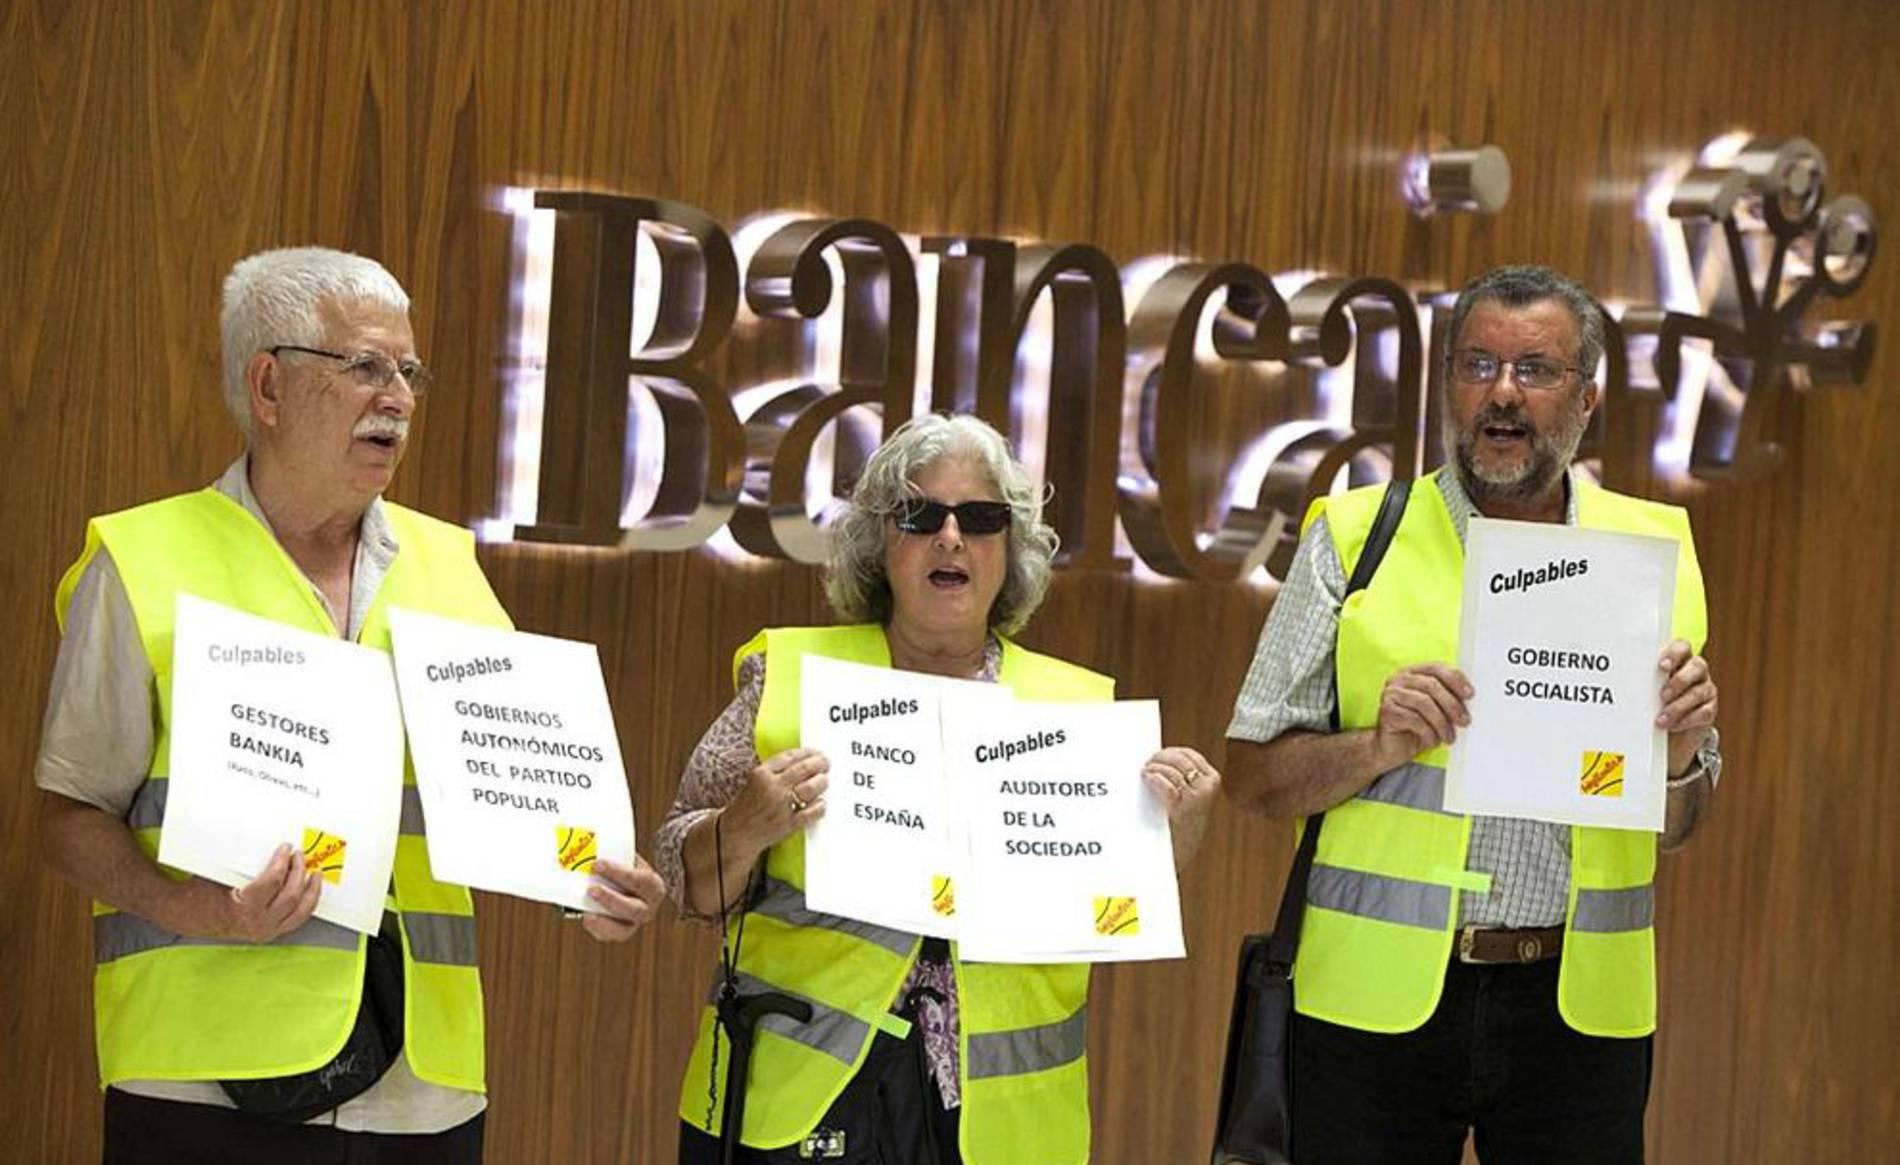 Galer a los 39 yayoflautas 39 protestan contra bankia for M bankia es oficina internet